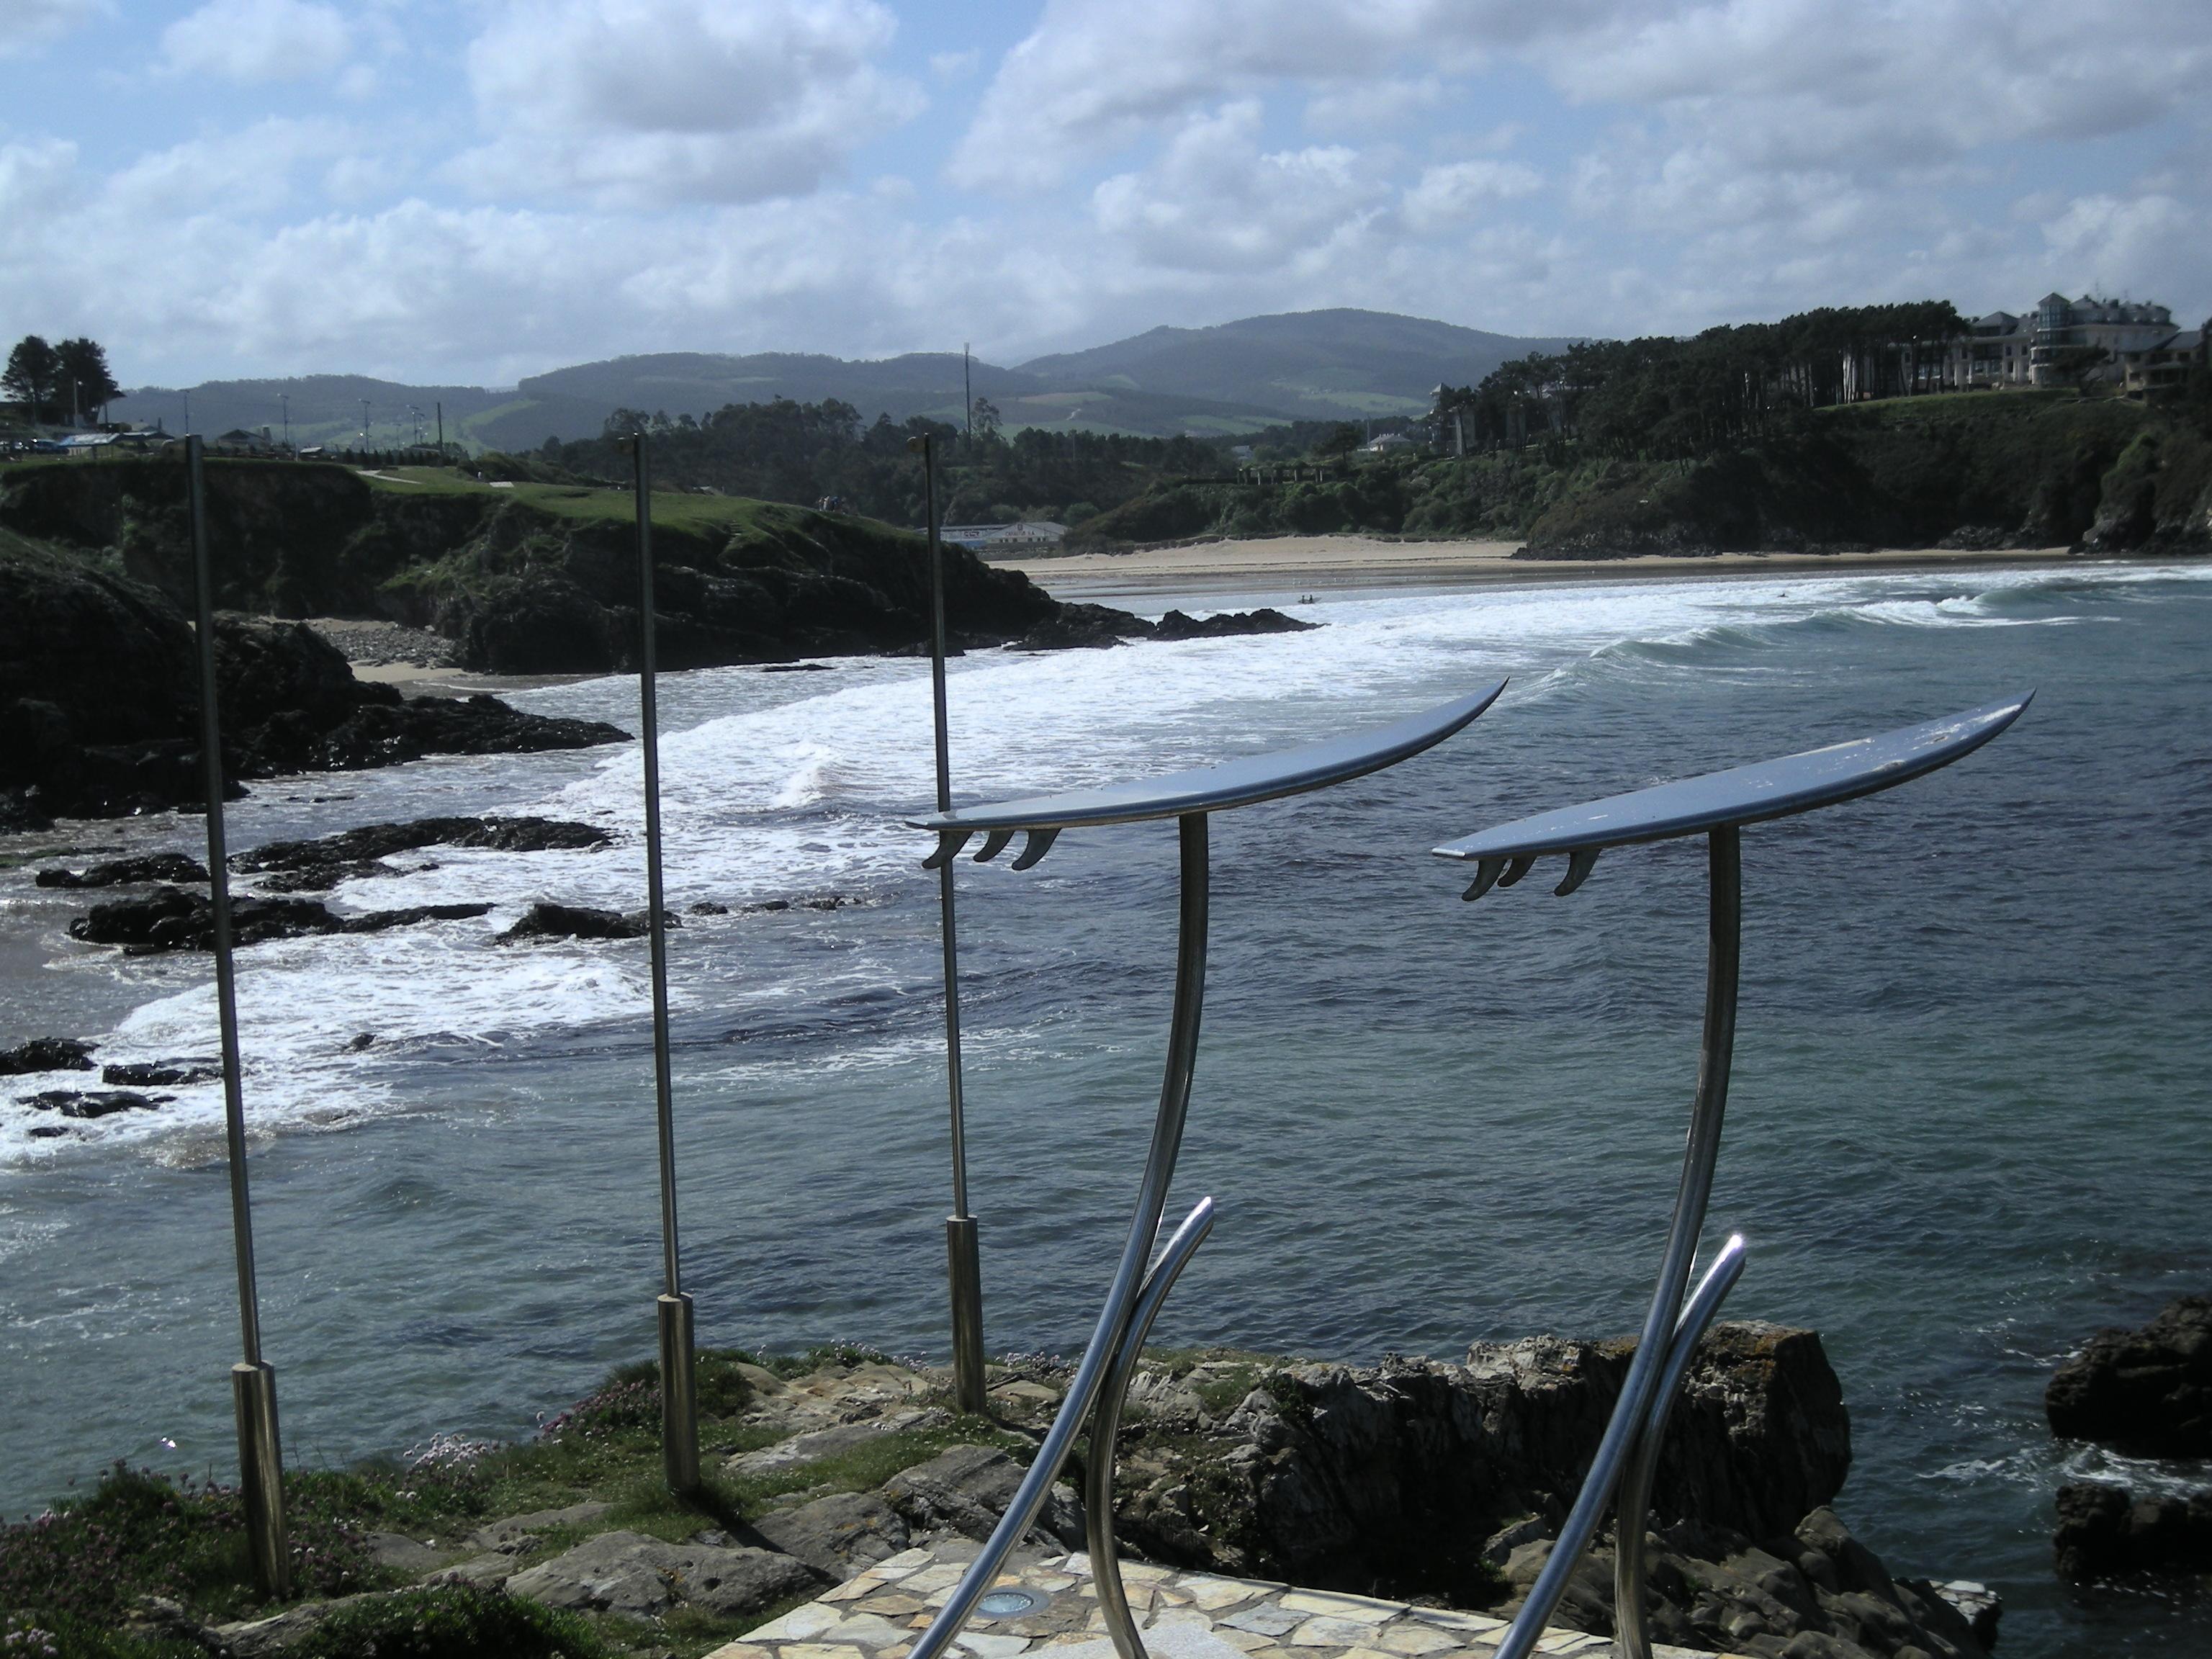 XV Campeonato de Surf en Tapia de Casariego 24,25 y 26 marzo